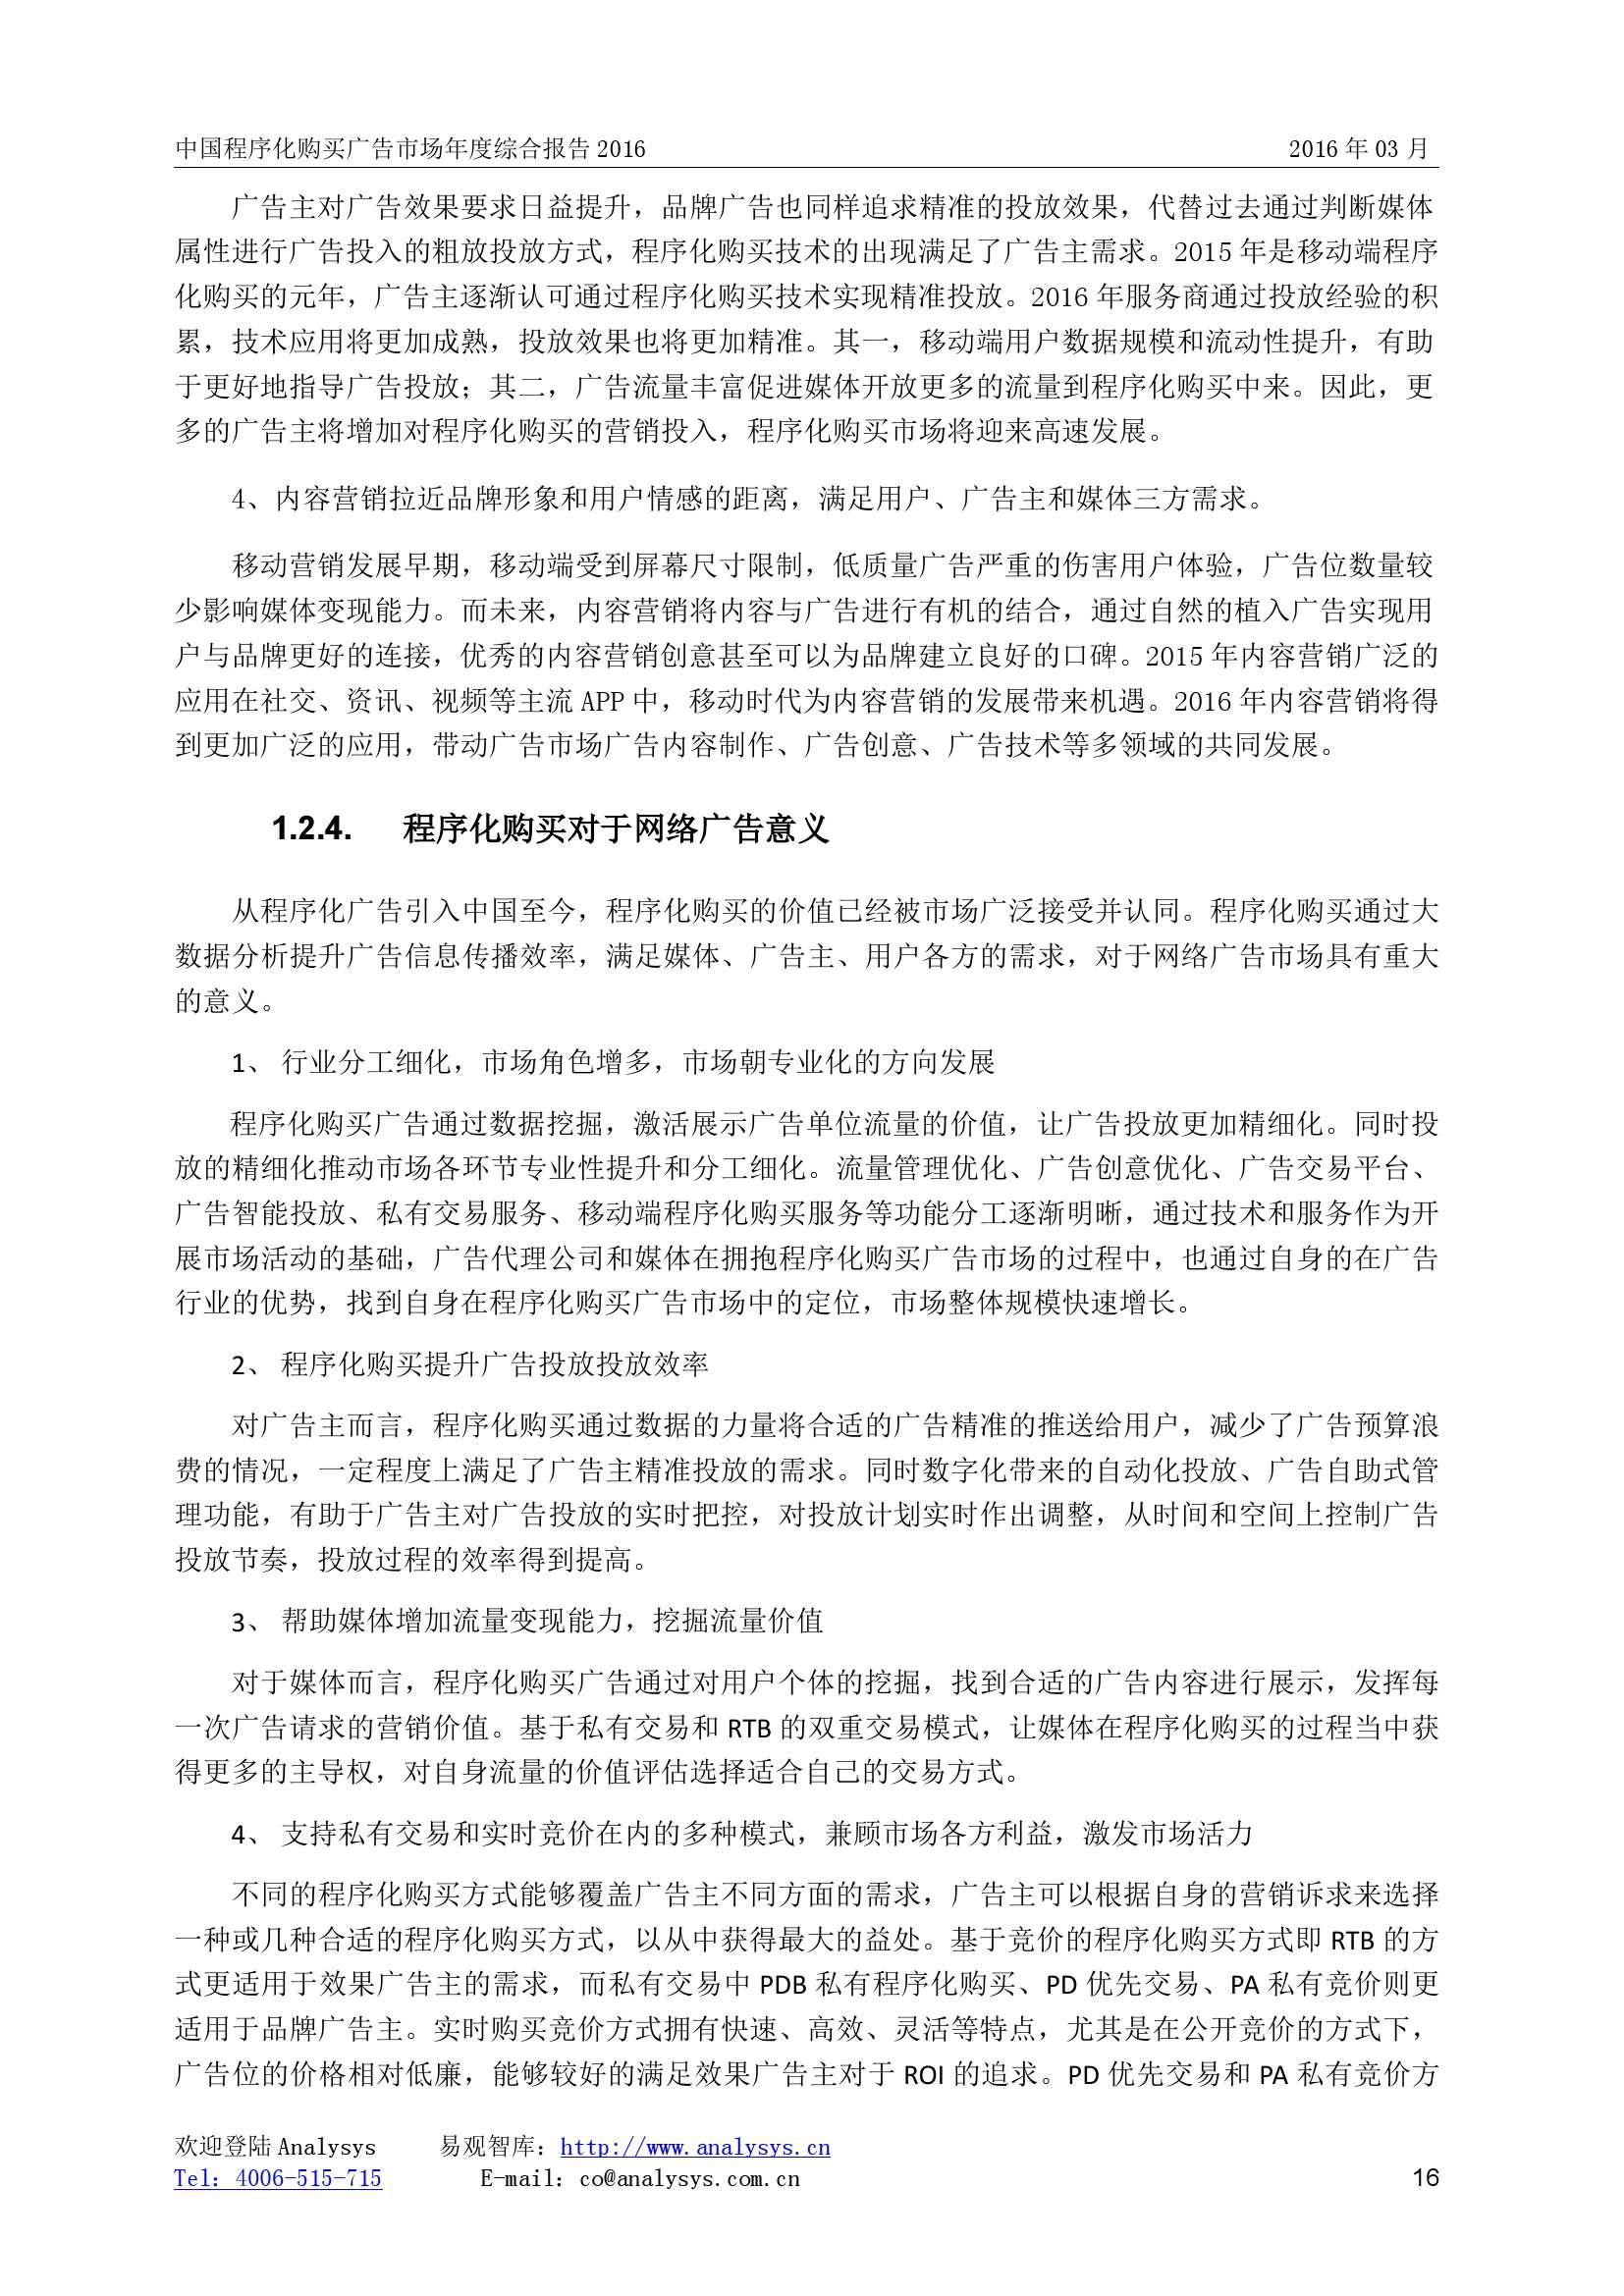 中国程序化购买广告市场年度综合报告2016_000016